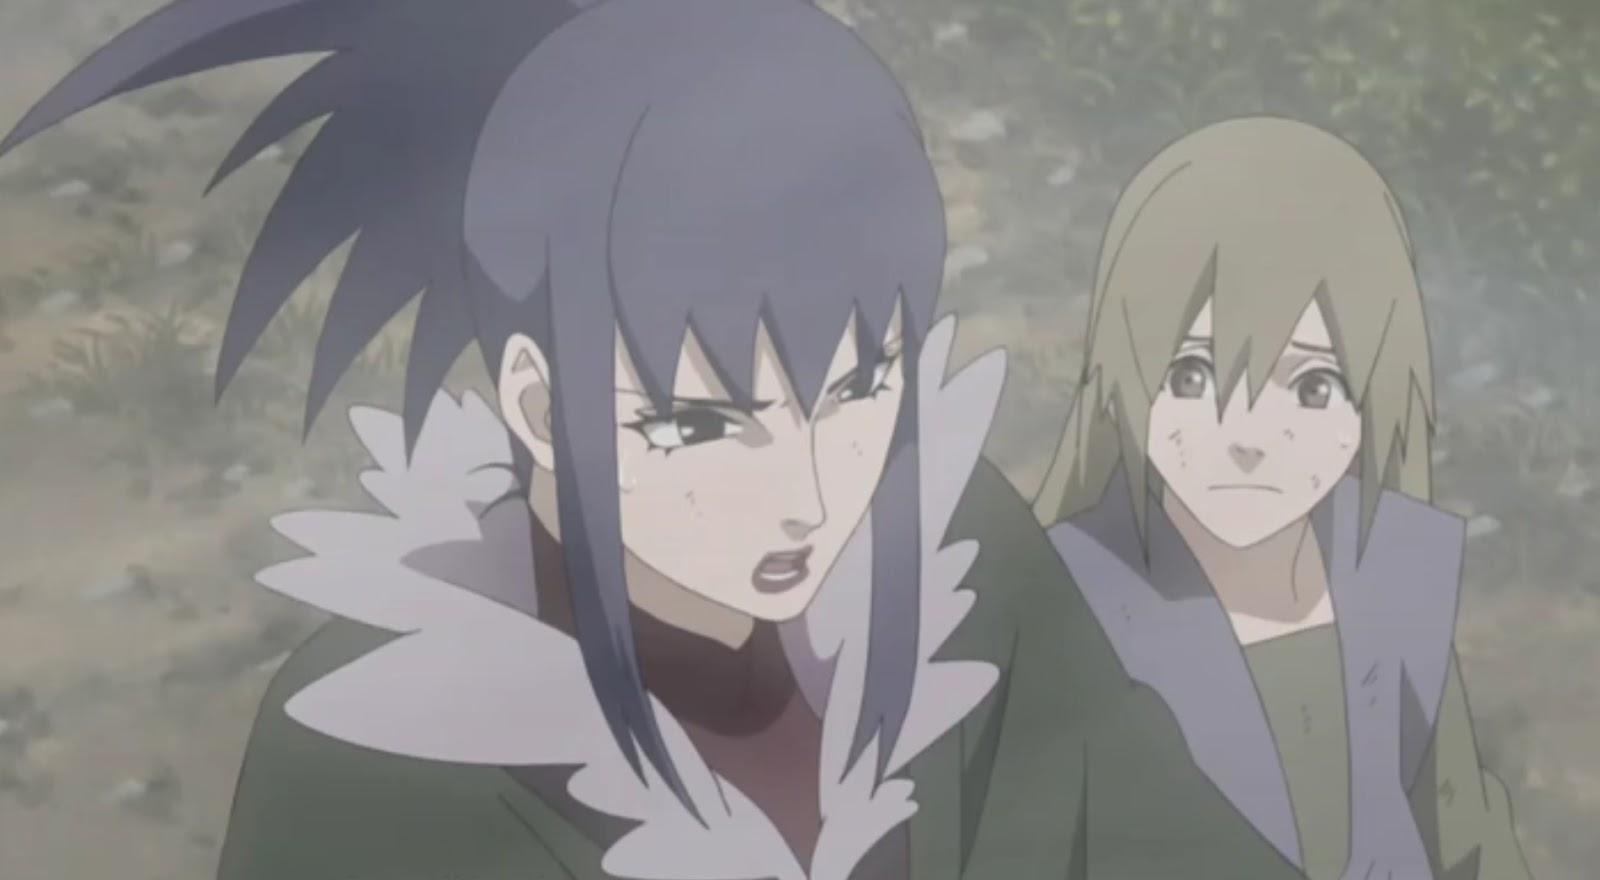 Naruto Shippuden Episódio 106, Naruto Shippuden Episódio 106, Assistir Naruto Shippuden Todos os Episódios Legendado, Naruto Shippuden episódio 106,HD